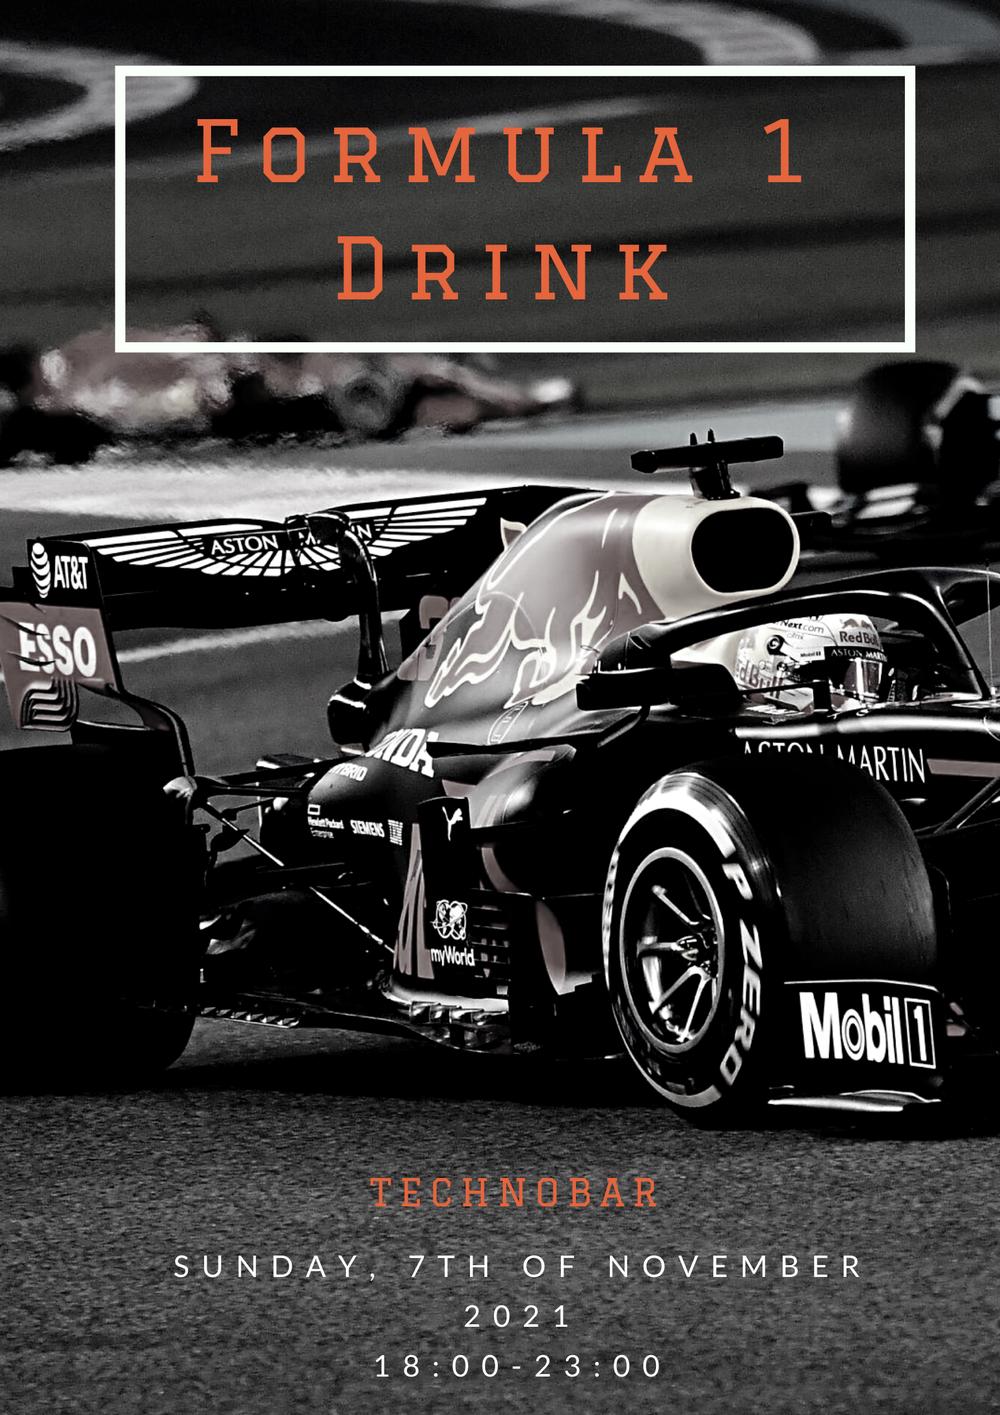 Formula 1 Drink